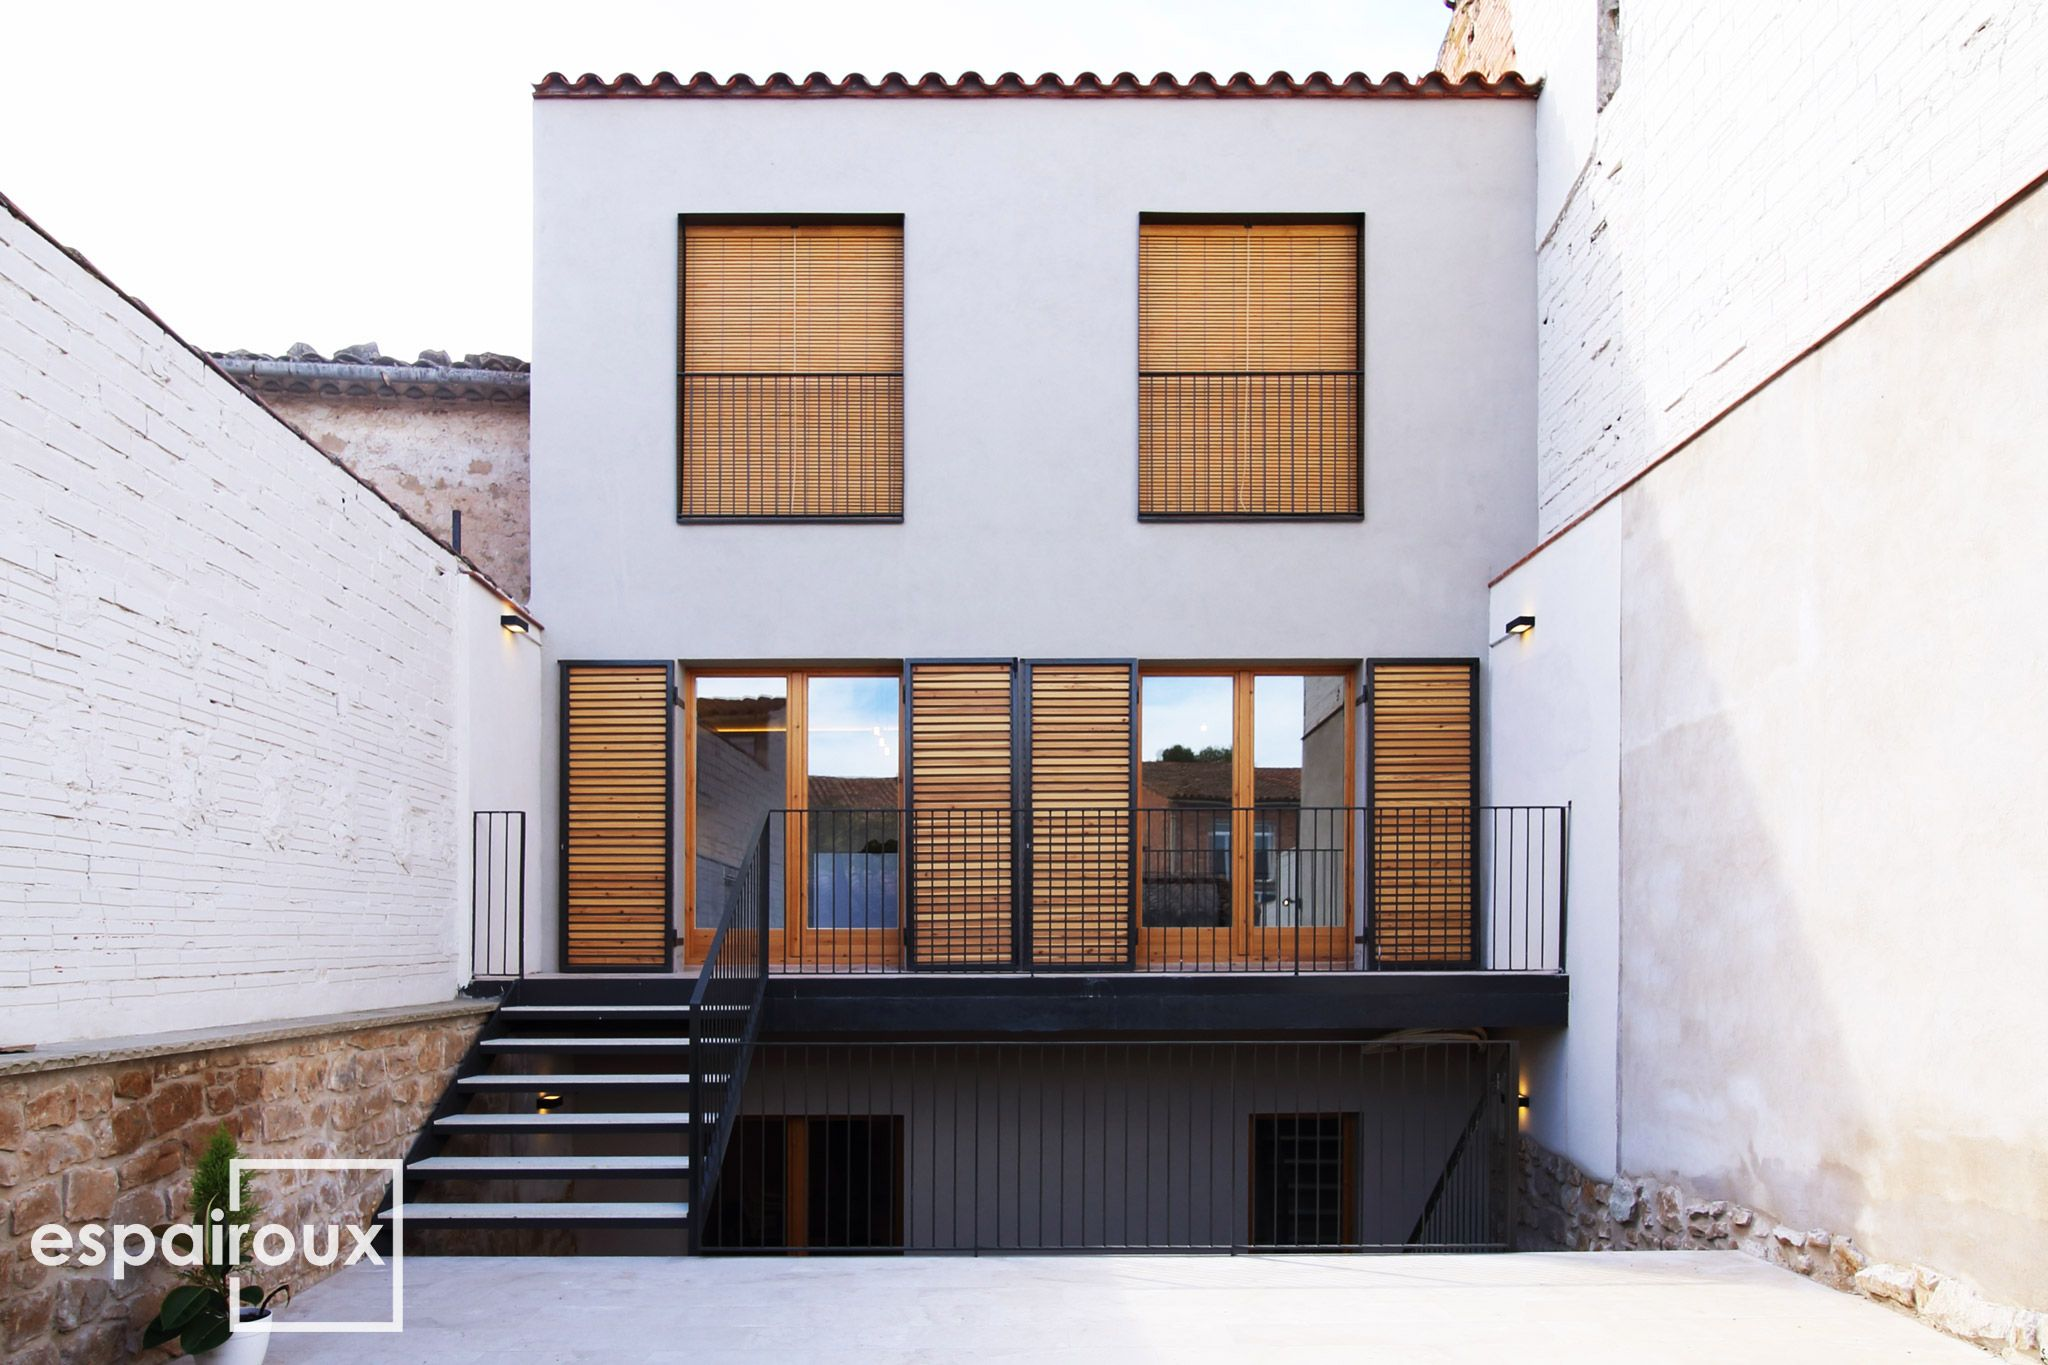 Fachada posterior de una vivienda unifamiliar entre - Fachadas viviendas unifamiliares ...